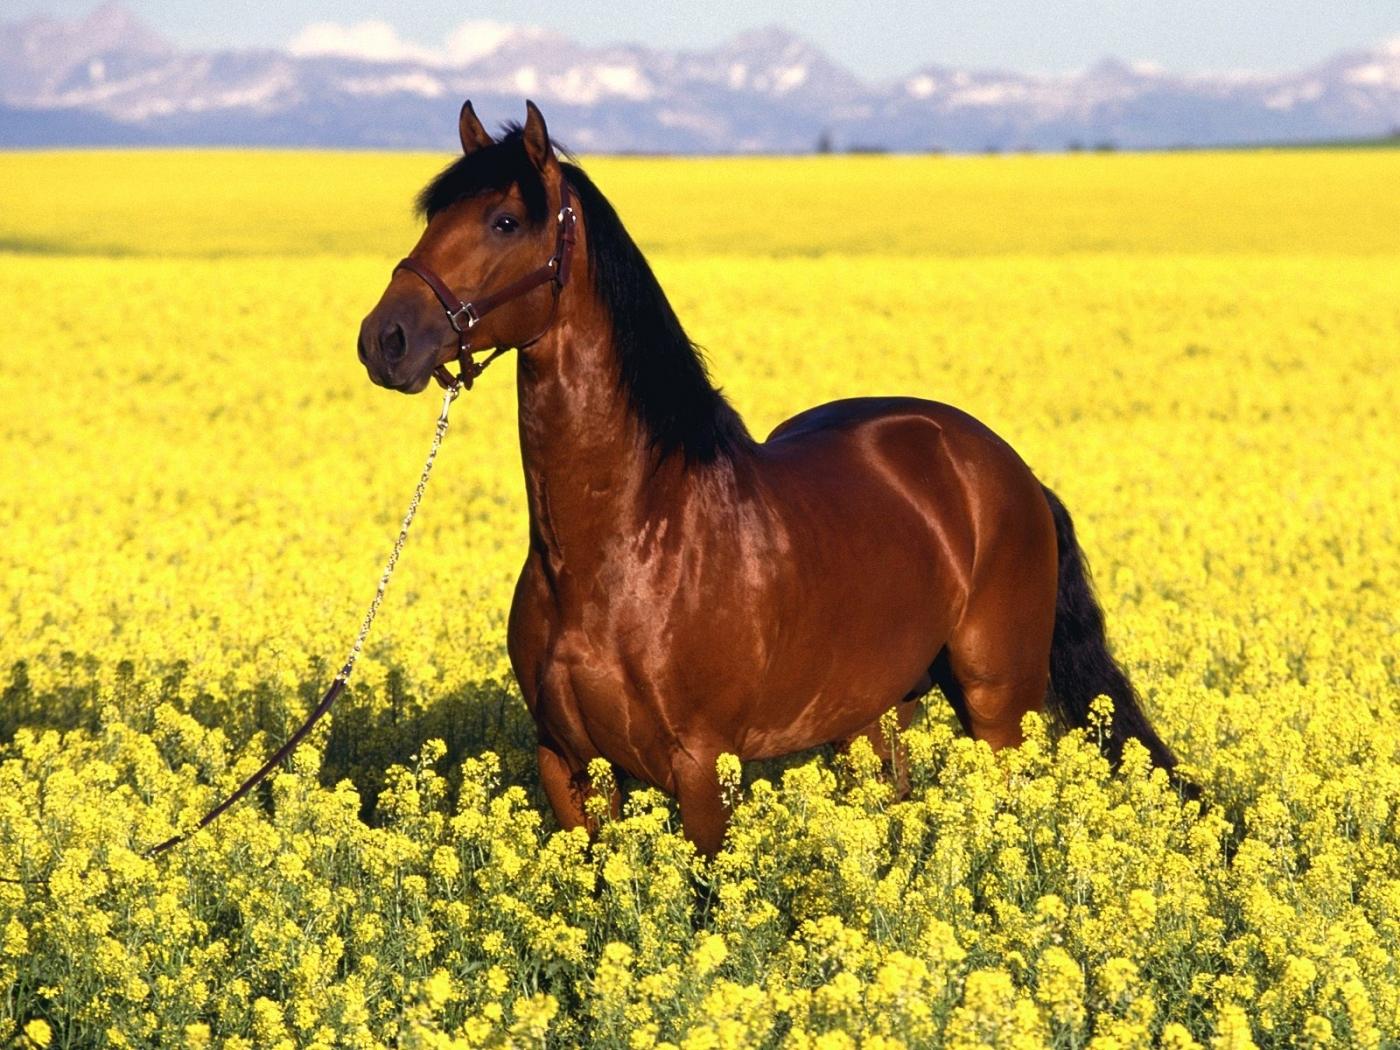 44187 скачать обои Лошади, Животные, Пейзаж, Поля - заставки и картинки бесплатно